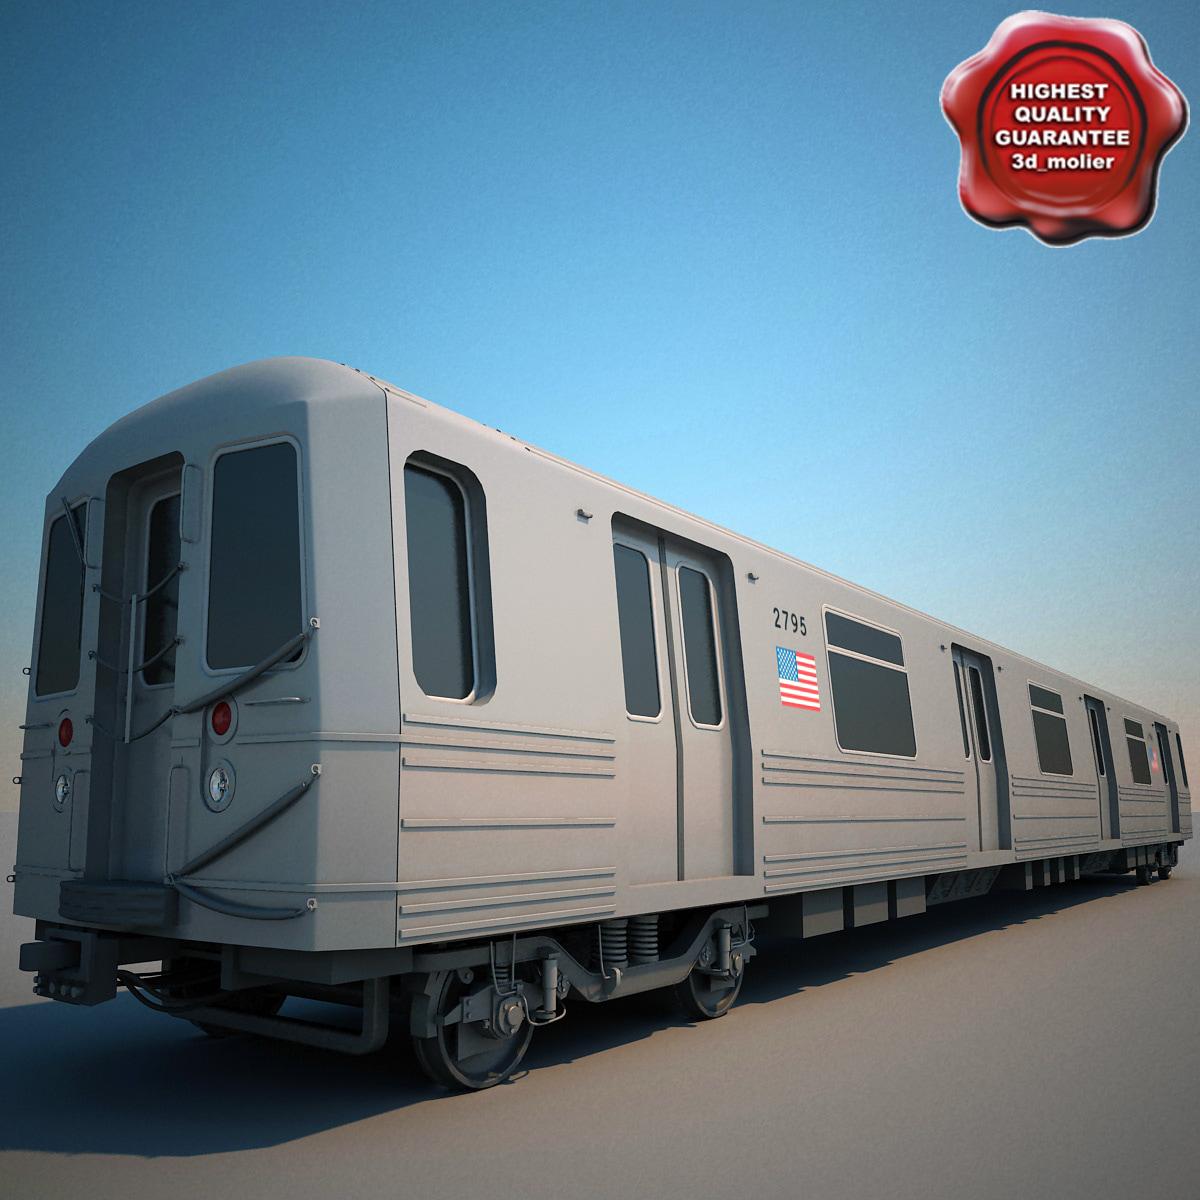 New_York_Subway_Train_R68_V2_00.jpg